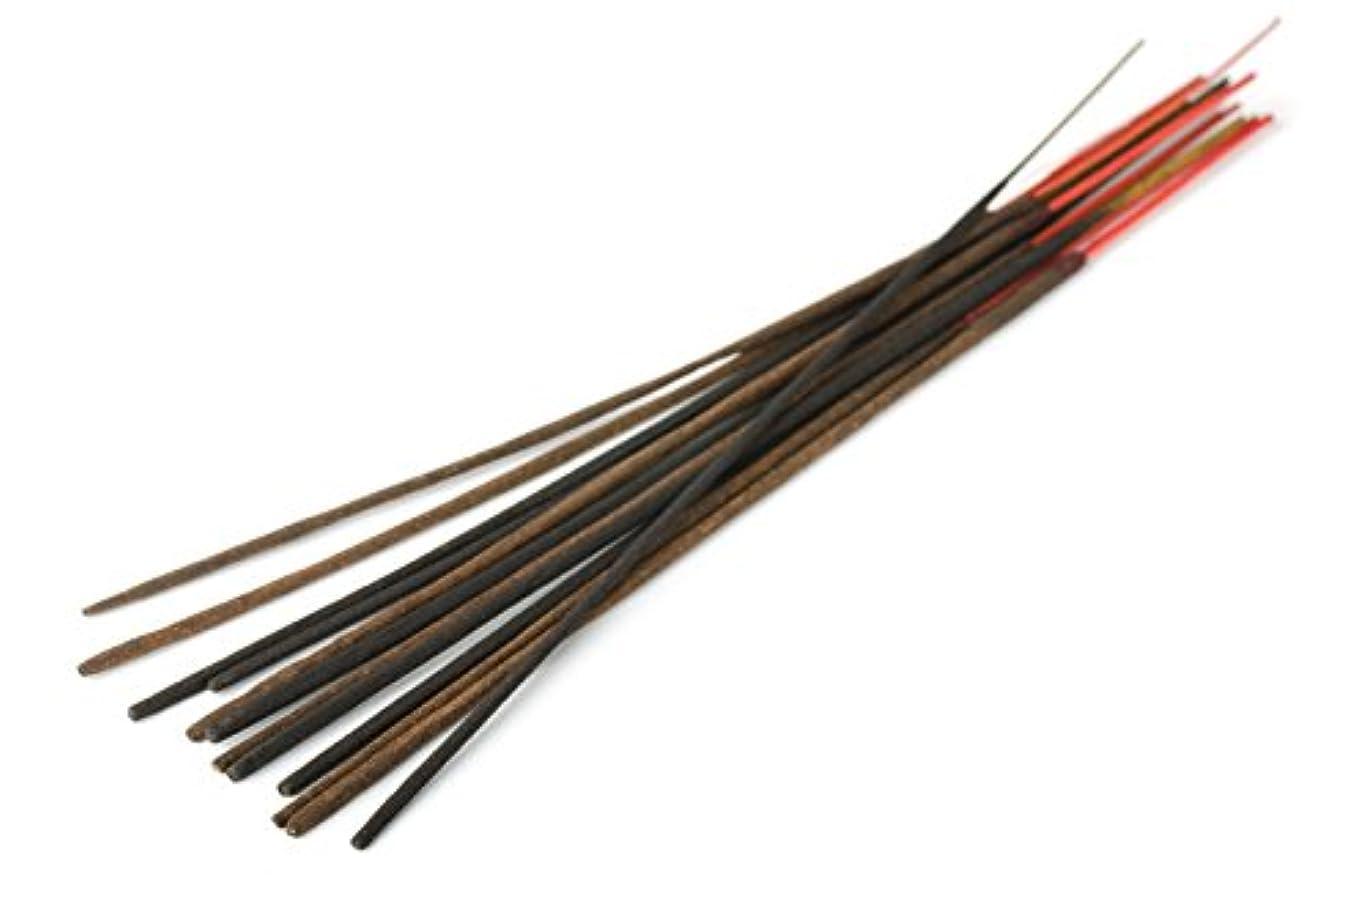 配分ベーコン満足プレミアムハンドメイドパンプキンパイIncense Stickバンドル – 90 to 100 Sticks Perバンドル – 各スティックは11.5インチ、には滑らかなクリーンBurn